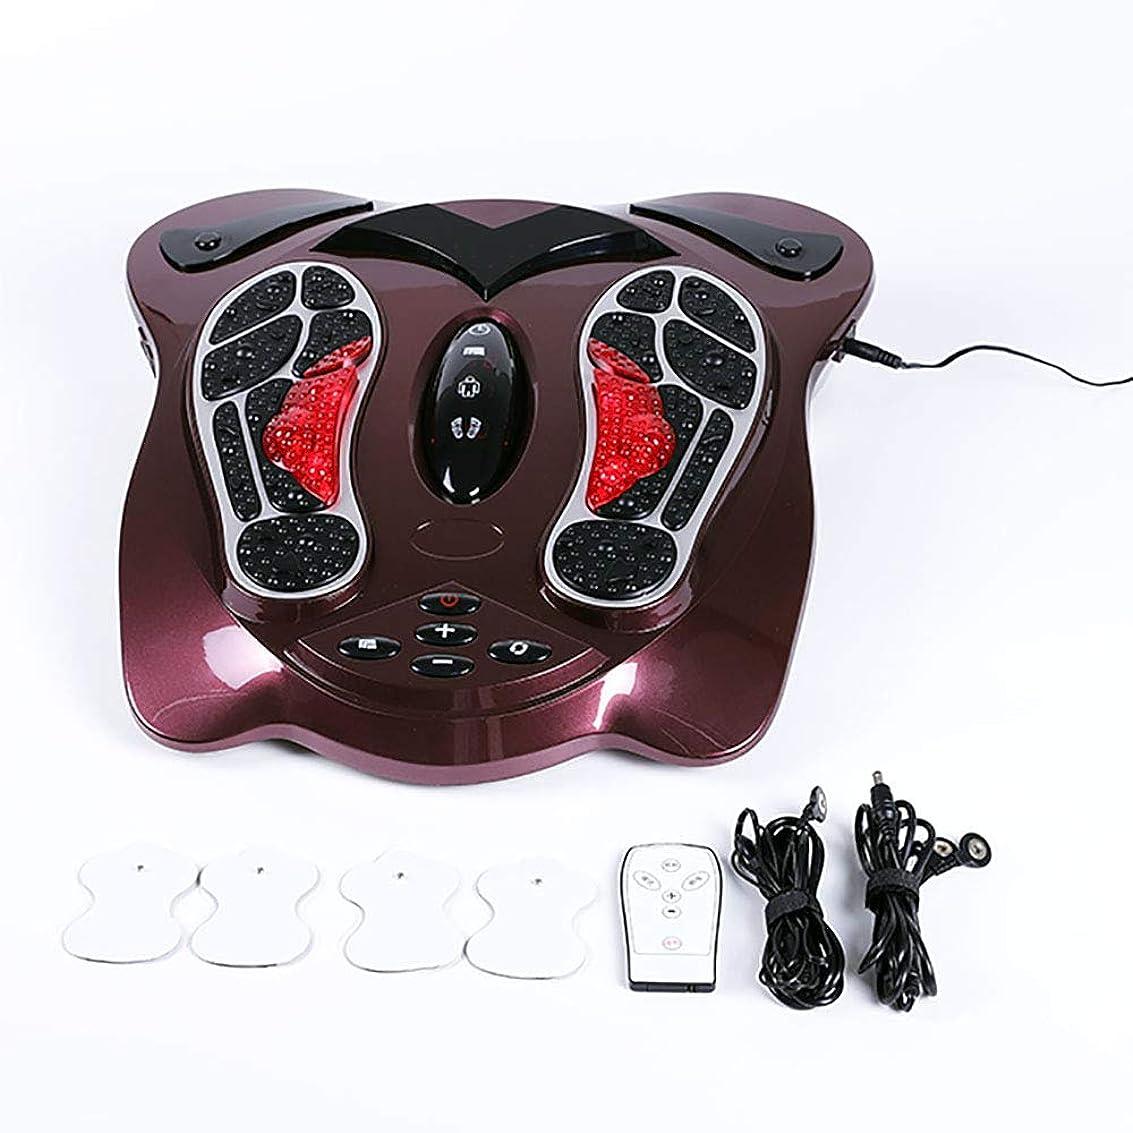 石灰岩リブ音足マッサージ機EMS電気筋肉刺激装置電気マッサージ療法リラックス治療装置用ふくらはぎ脚血循環と足底筋膜炎